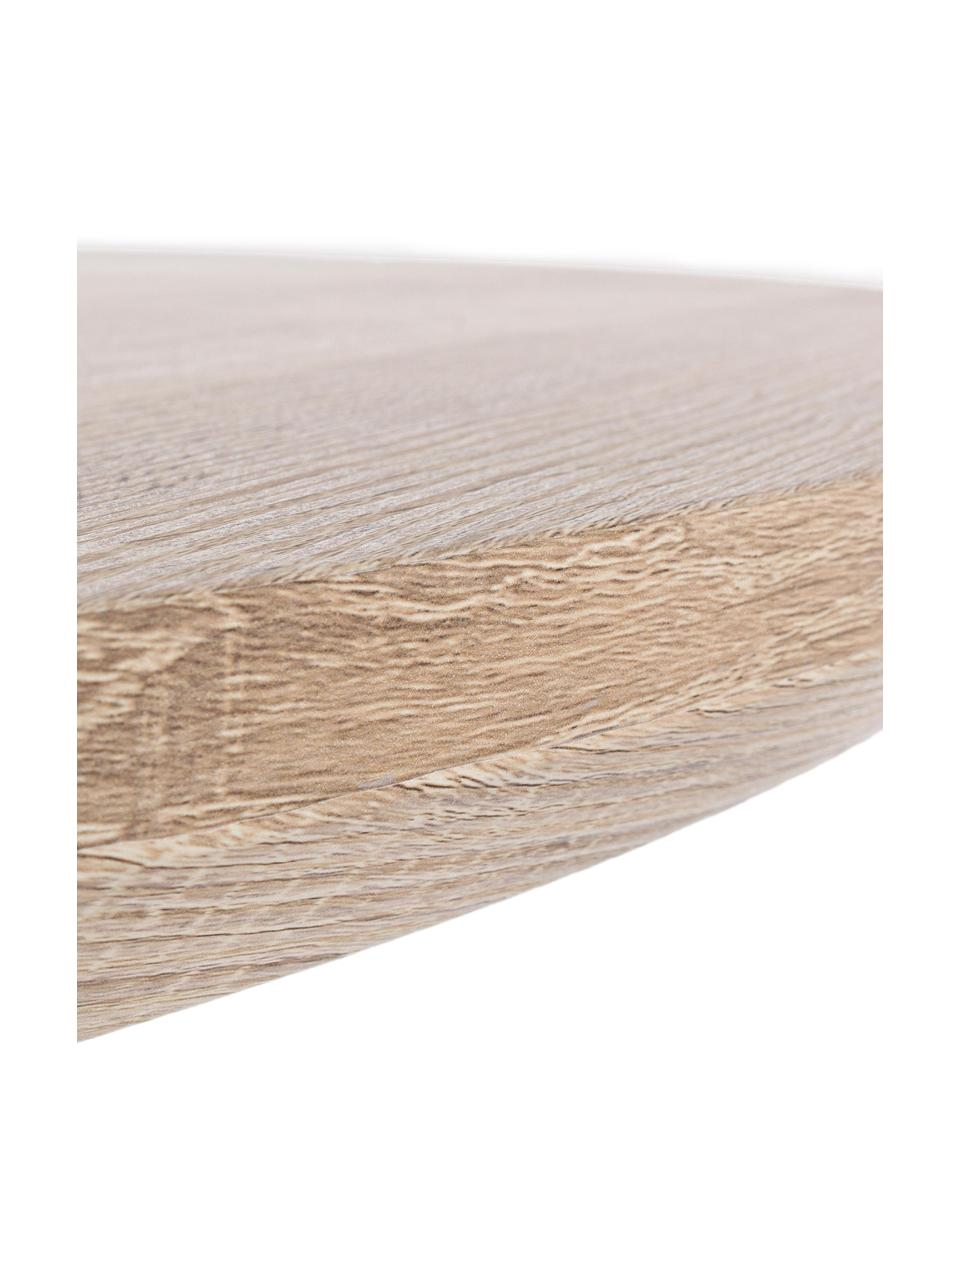 Runder Esstisch Henry mit Tischplatte in Eichenholz-Optik, Tischplatte: Mitteldichte Holzfaserpla, Beine: Metall, pulverbeschichtet, Eichenholz, Ø 134 x H 76 cm